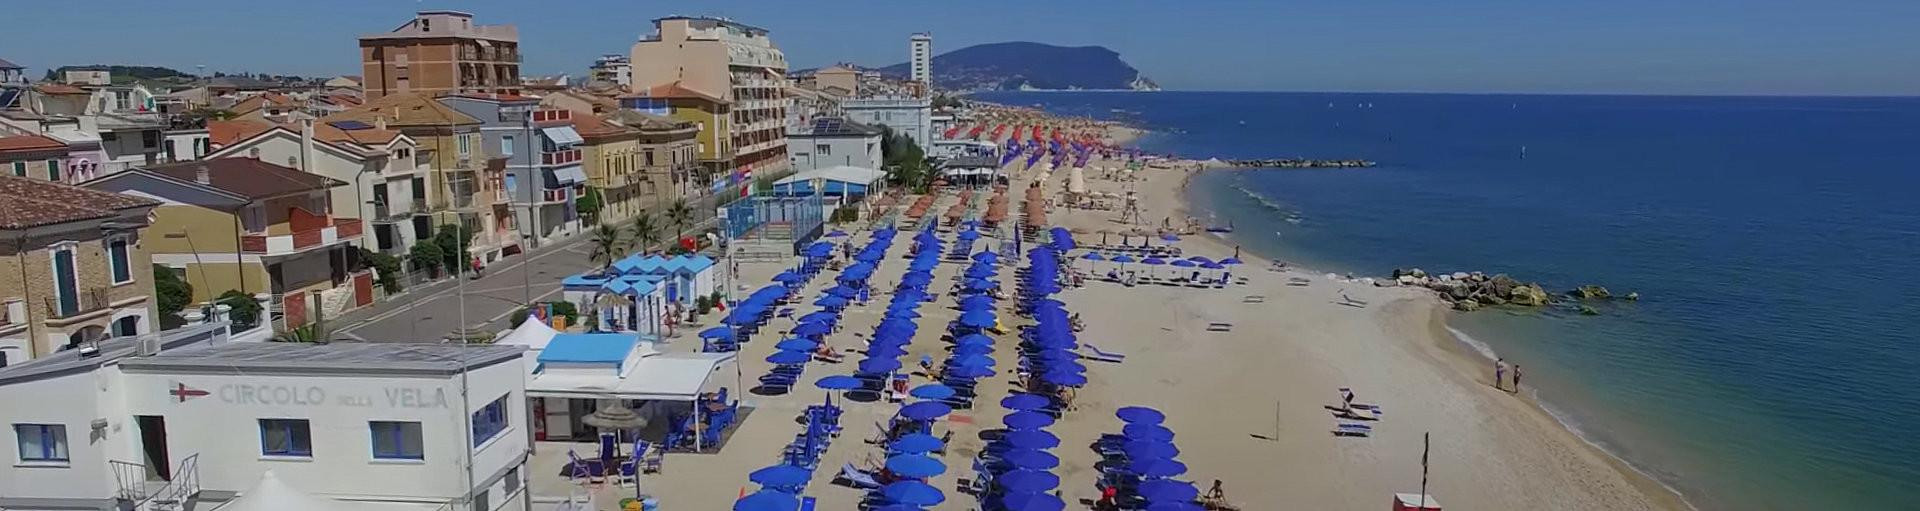 Porto Recanati, pláž v centru, v pozadí je vidět Numana a Sirolo